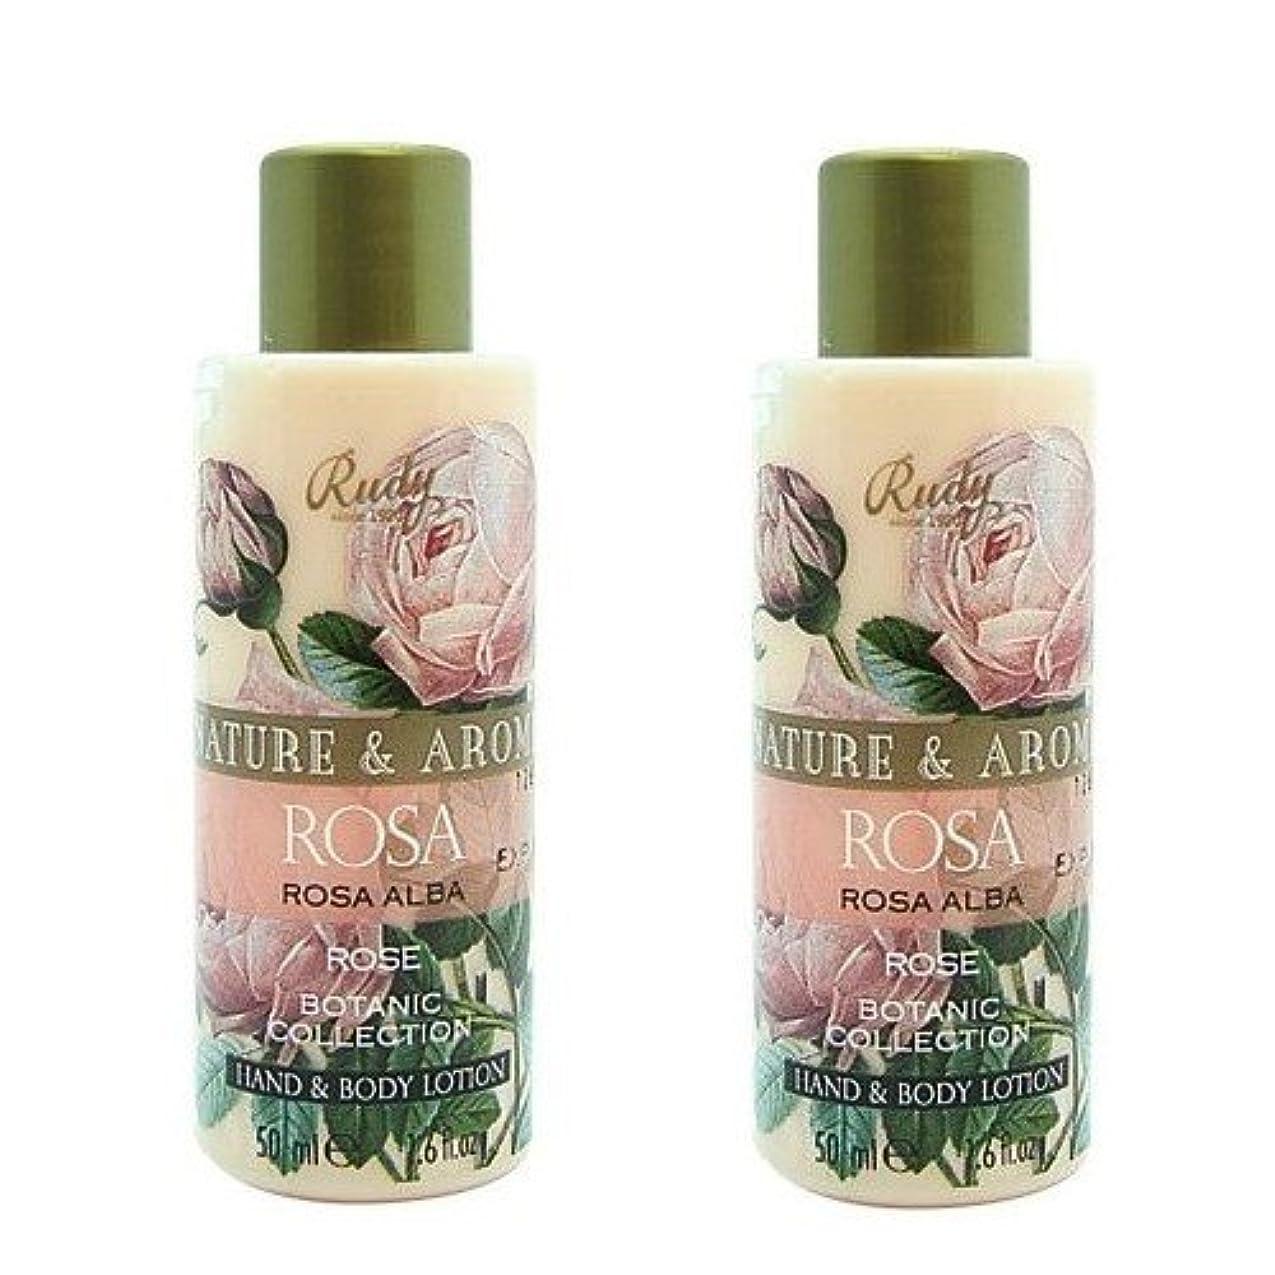 ブッシュウォルターカニンガム借りる(2個セット)RUDY Nature&Arome SERIES ルディ ナチュール&アロマ Mini Body lotion ミニボディローション ローズ